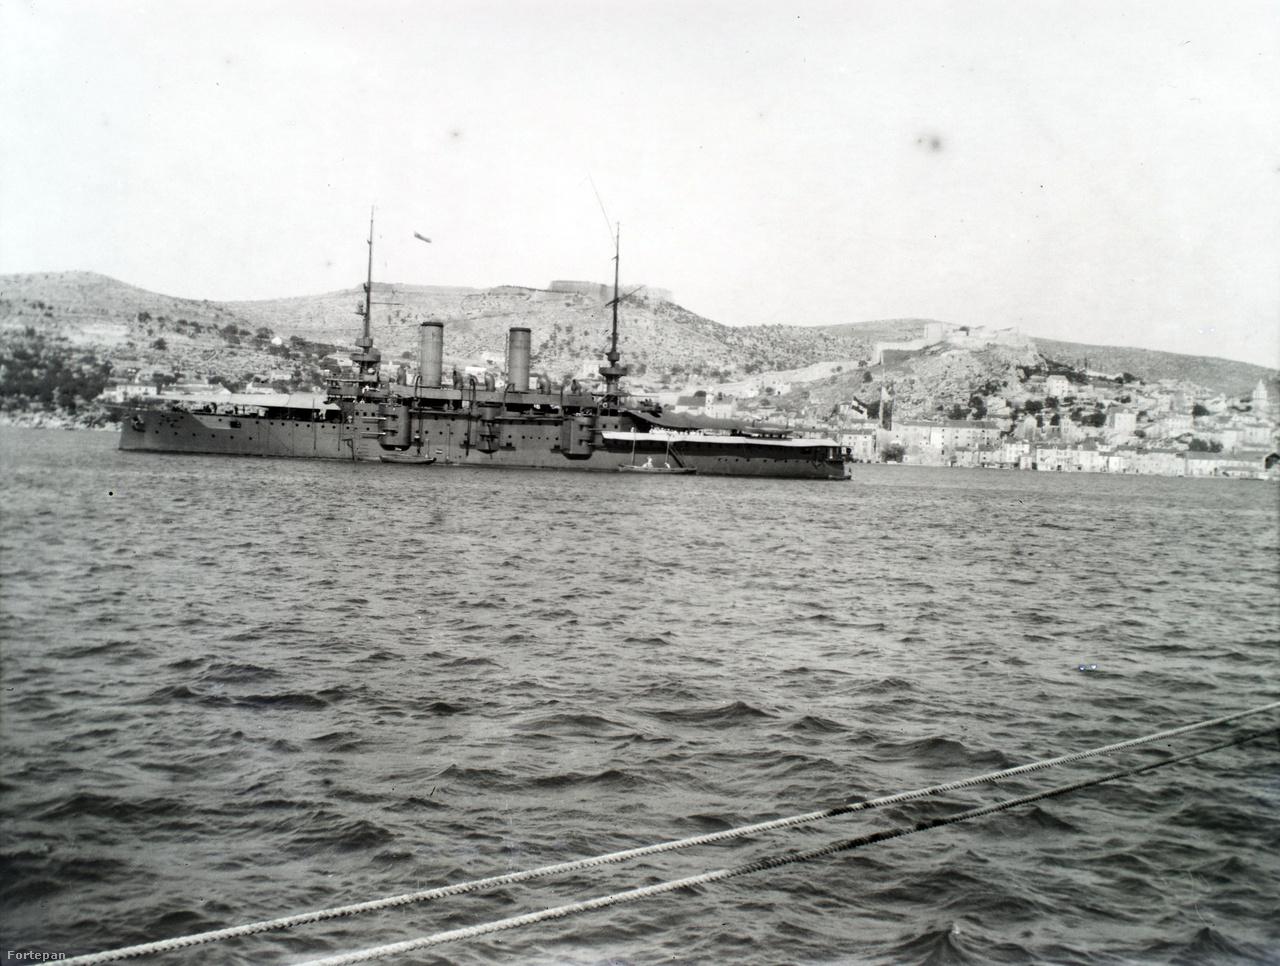 Egy másik Habsburg-osztályú csatahajó. Az Osztrák–Magyar Monarchia Habsburg-osztályú pre-dreadnought csatahajóit (Schlachtschiff) a trieszti Stabilimento Tecnico hajógyárban építették, ahol három ilyen hajó épült, az osztálynévadó SMS Habsburg, a SMS Babenberg és az SMS Árpád.